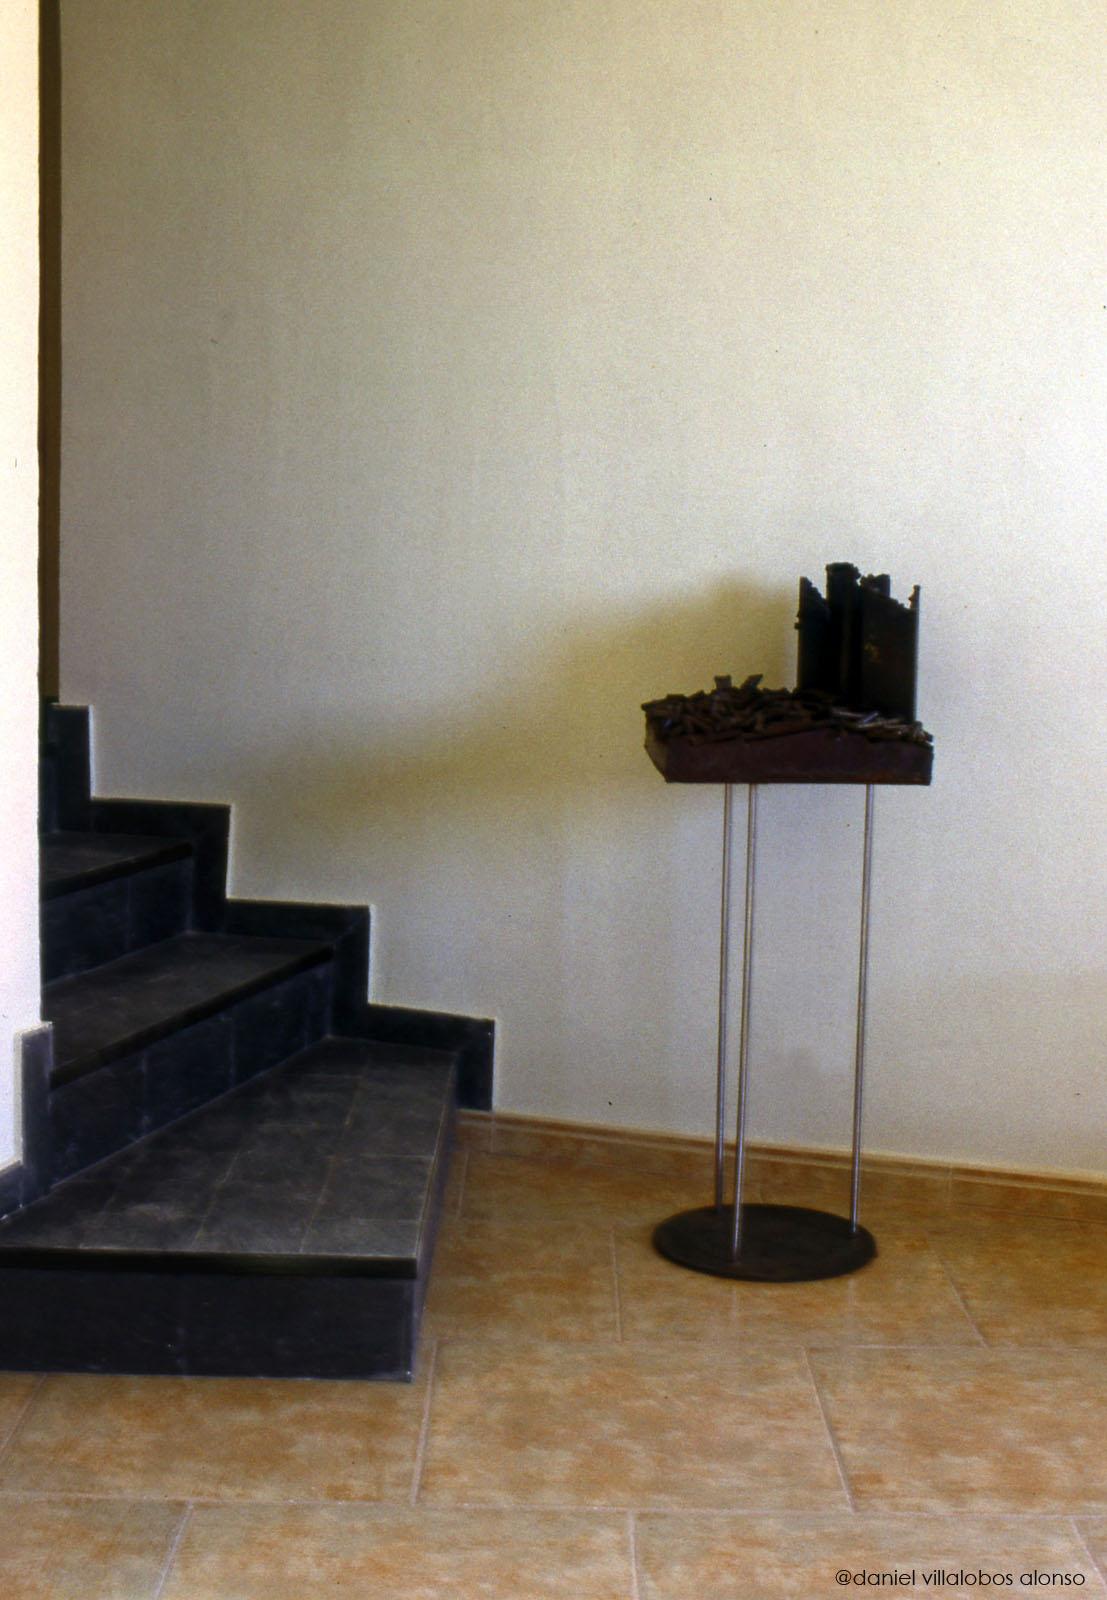 danielvillalobos-spanish-architecturexxthcentury-stonearchitecture-spanisharchitecturemodern-17